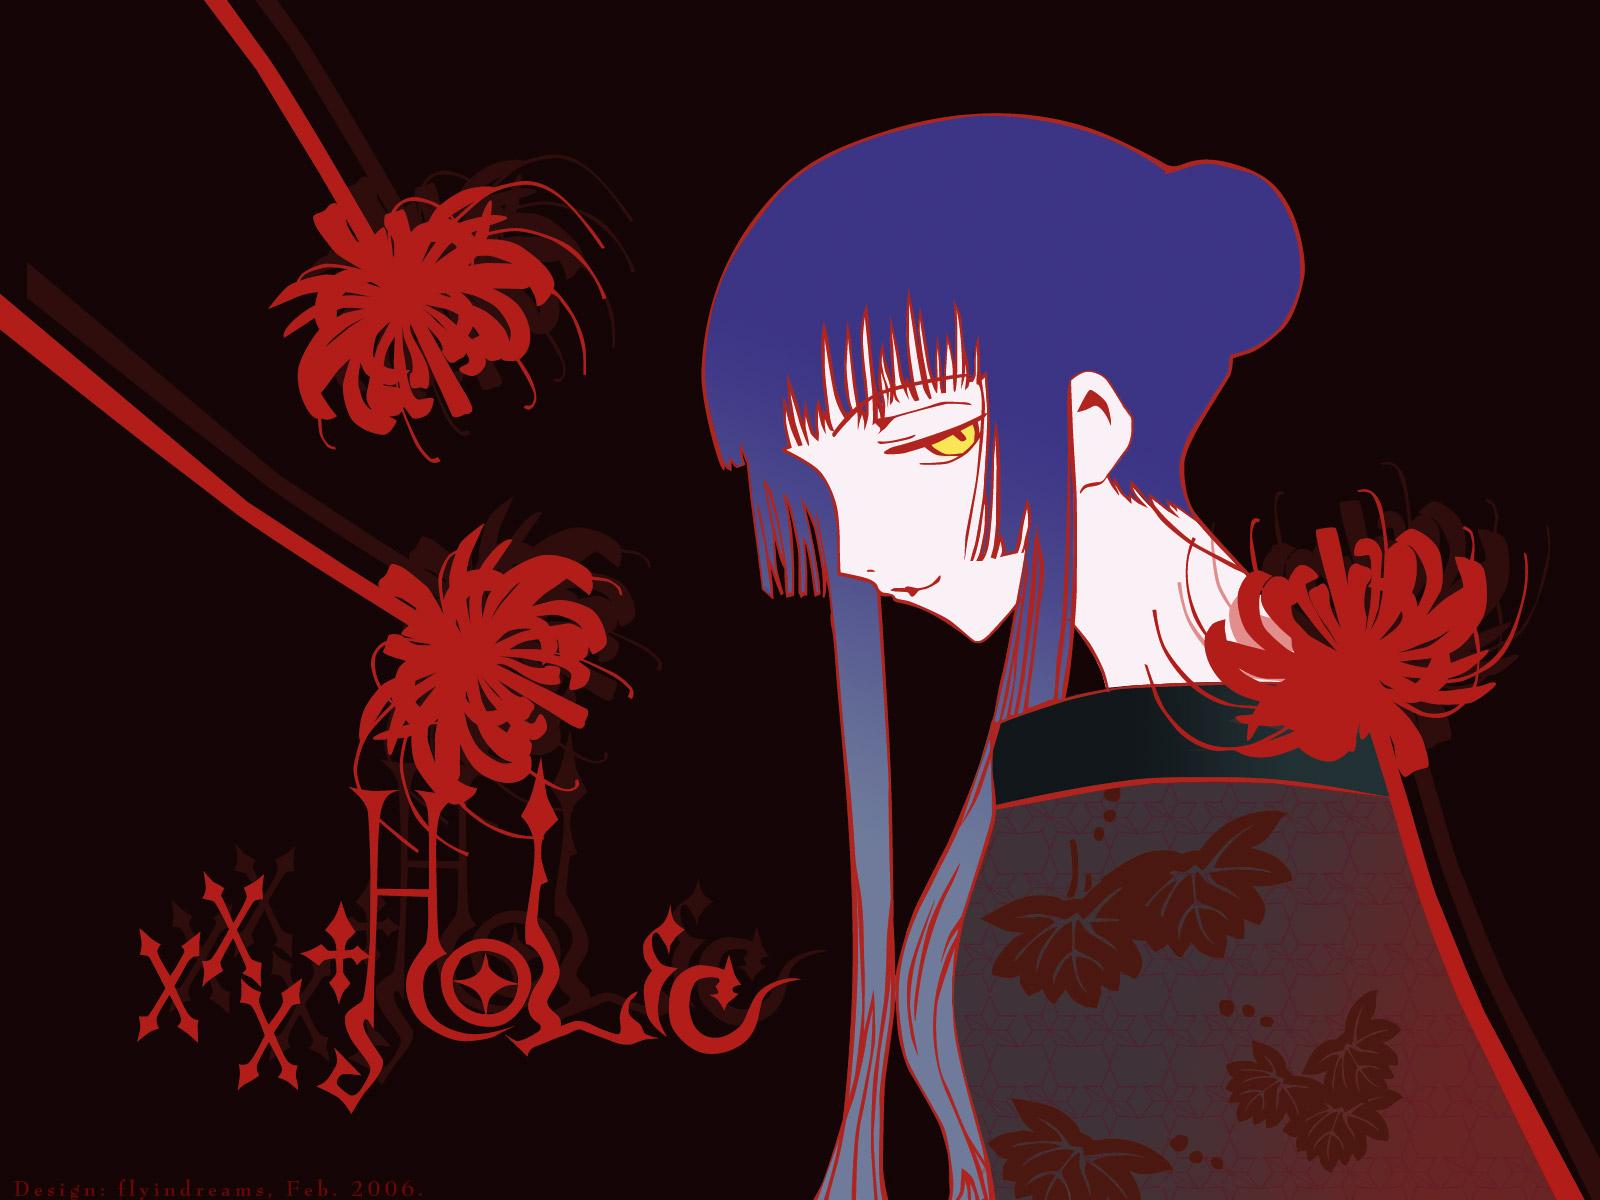 Anime - XxxHOLiC  Wallpaper